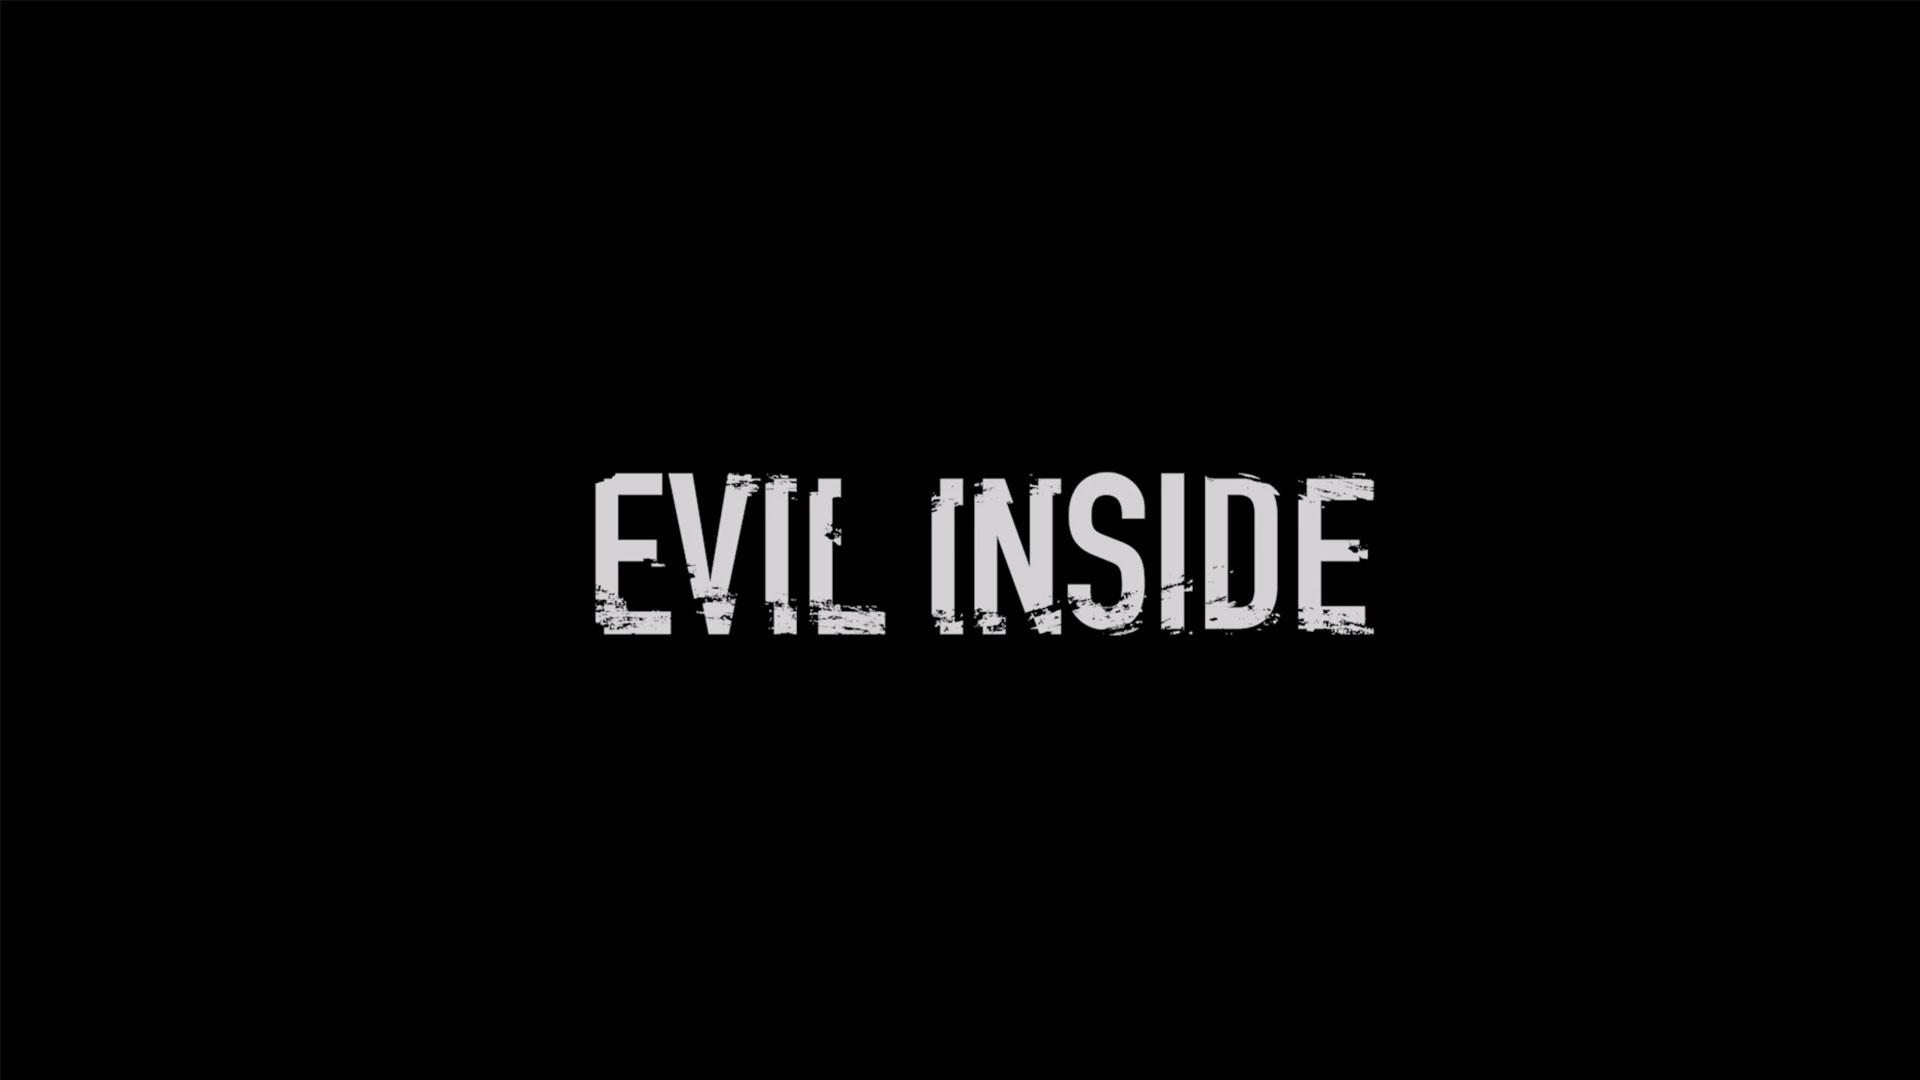 شباهت بازی ترسناک Evil Inside با P.T در تریلر این بازی